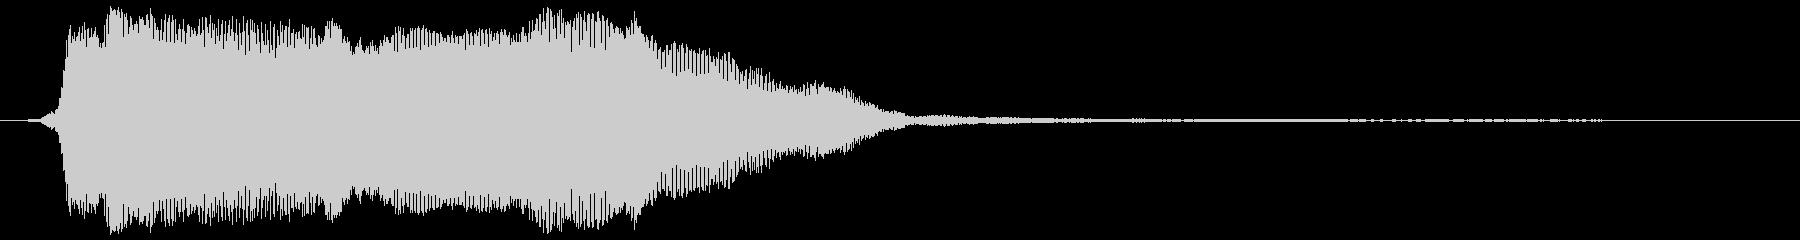 金属が軋む効果音 02の未再生の波形